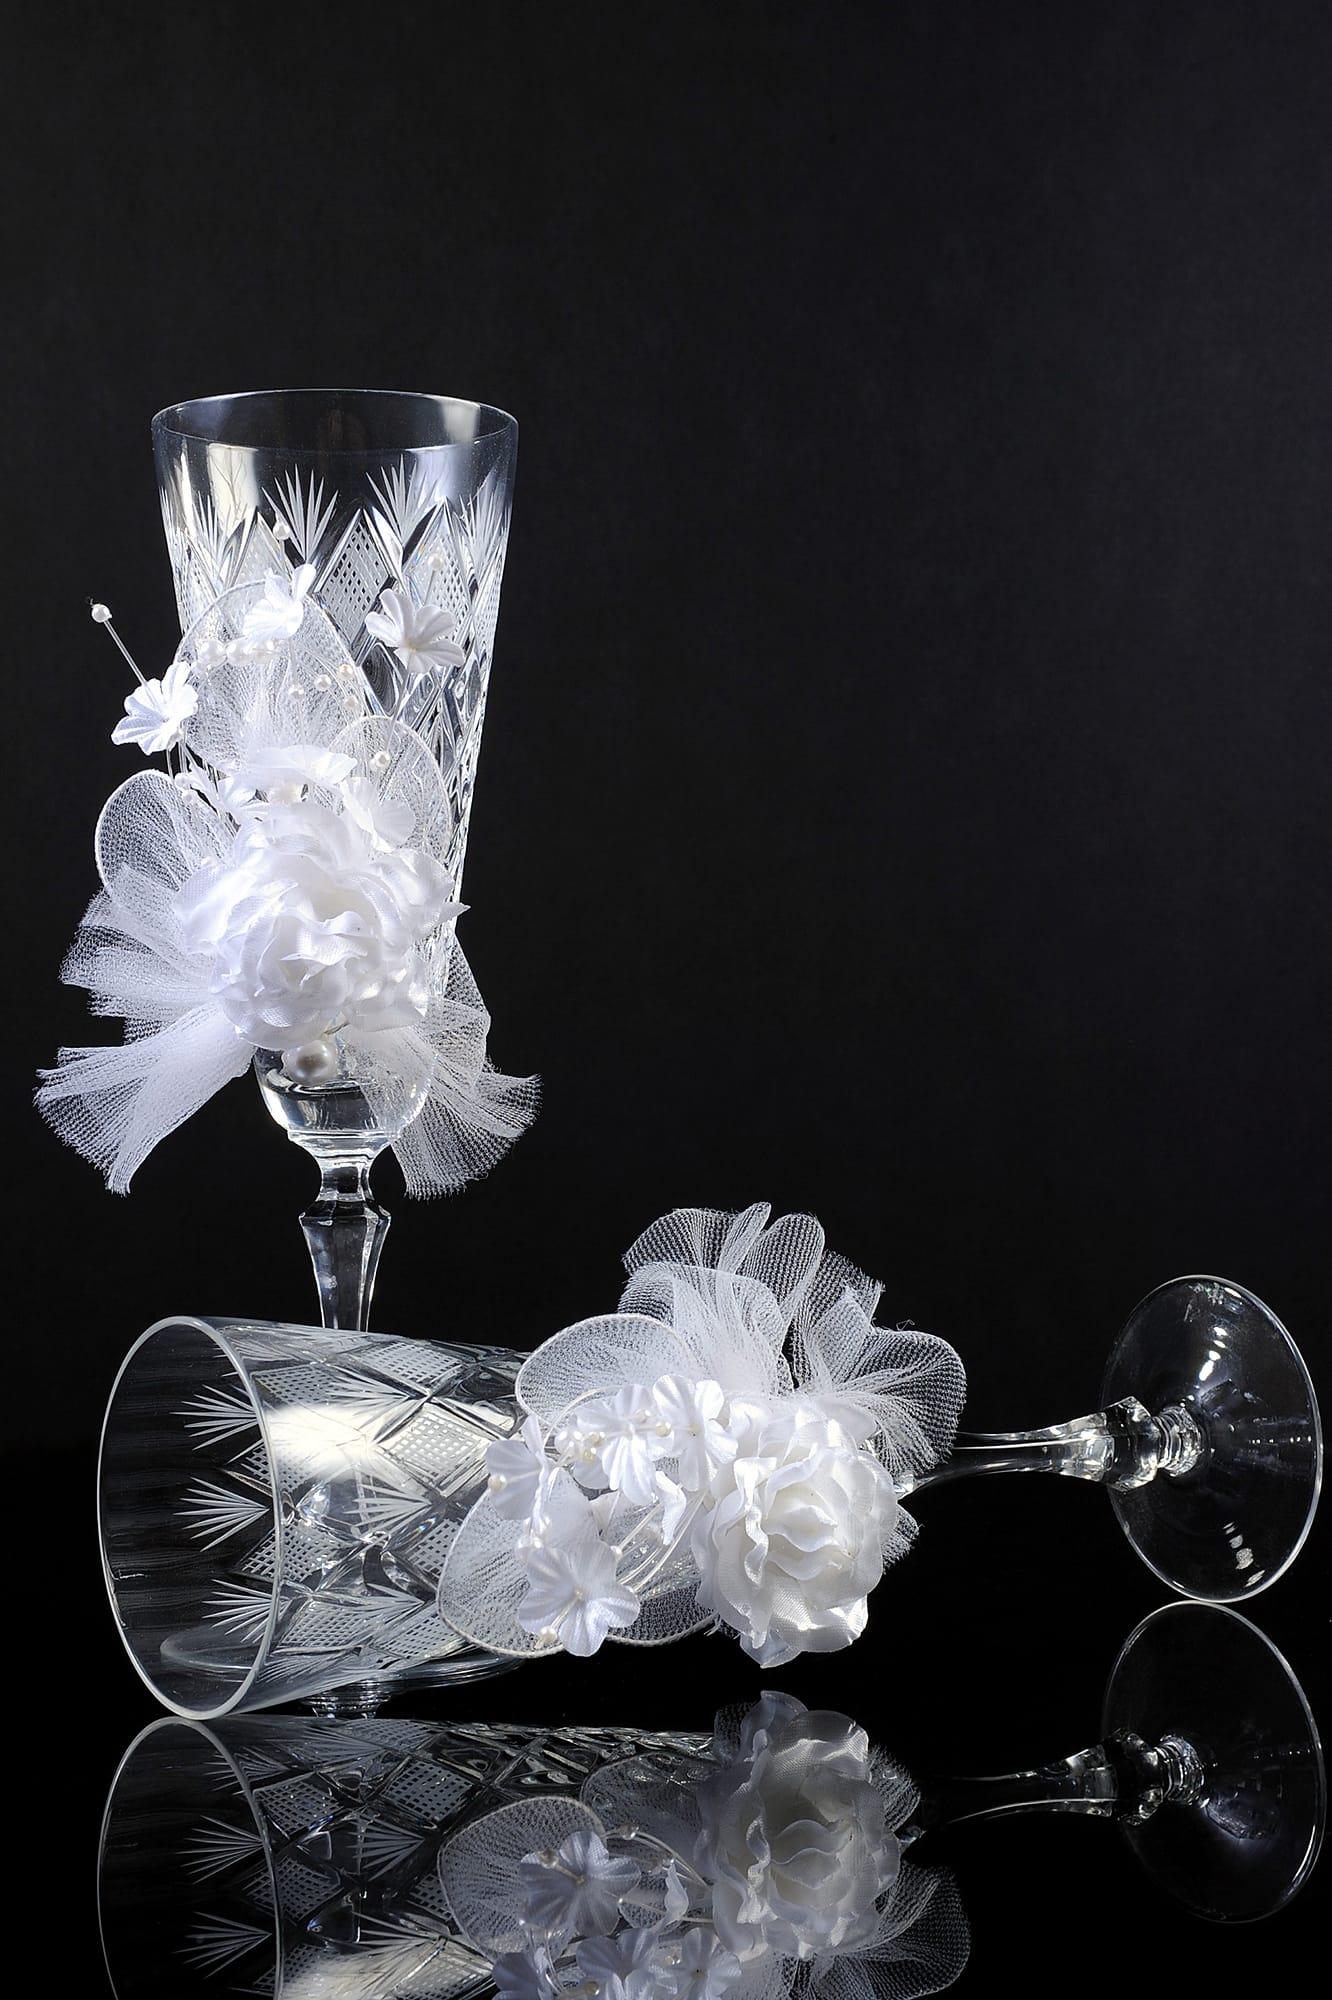 Хрустальные свадебные бокалы, украшенные гравировкой и объемными оборками.